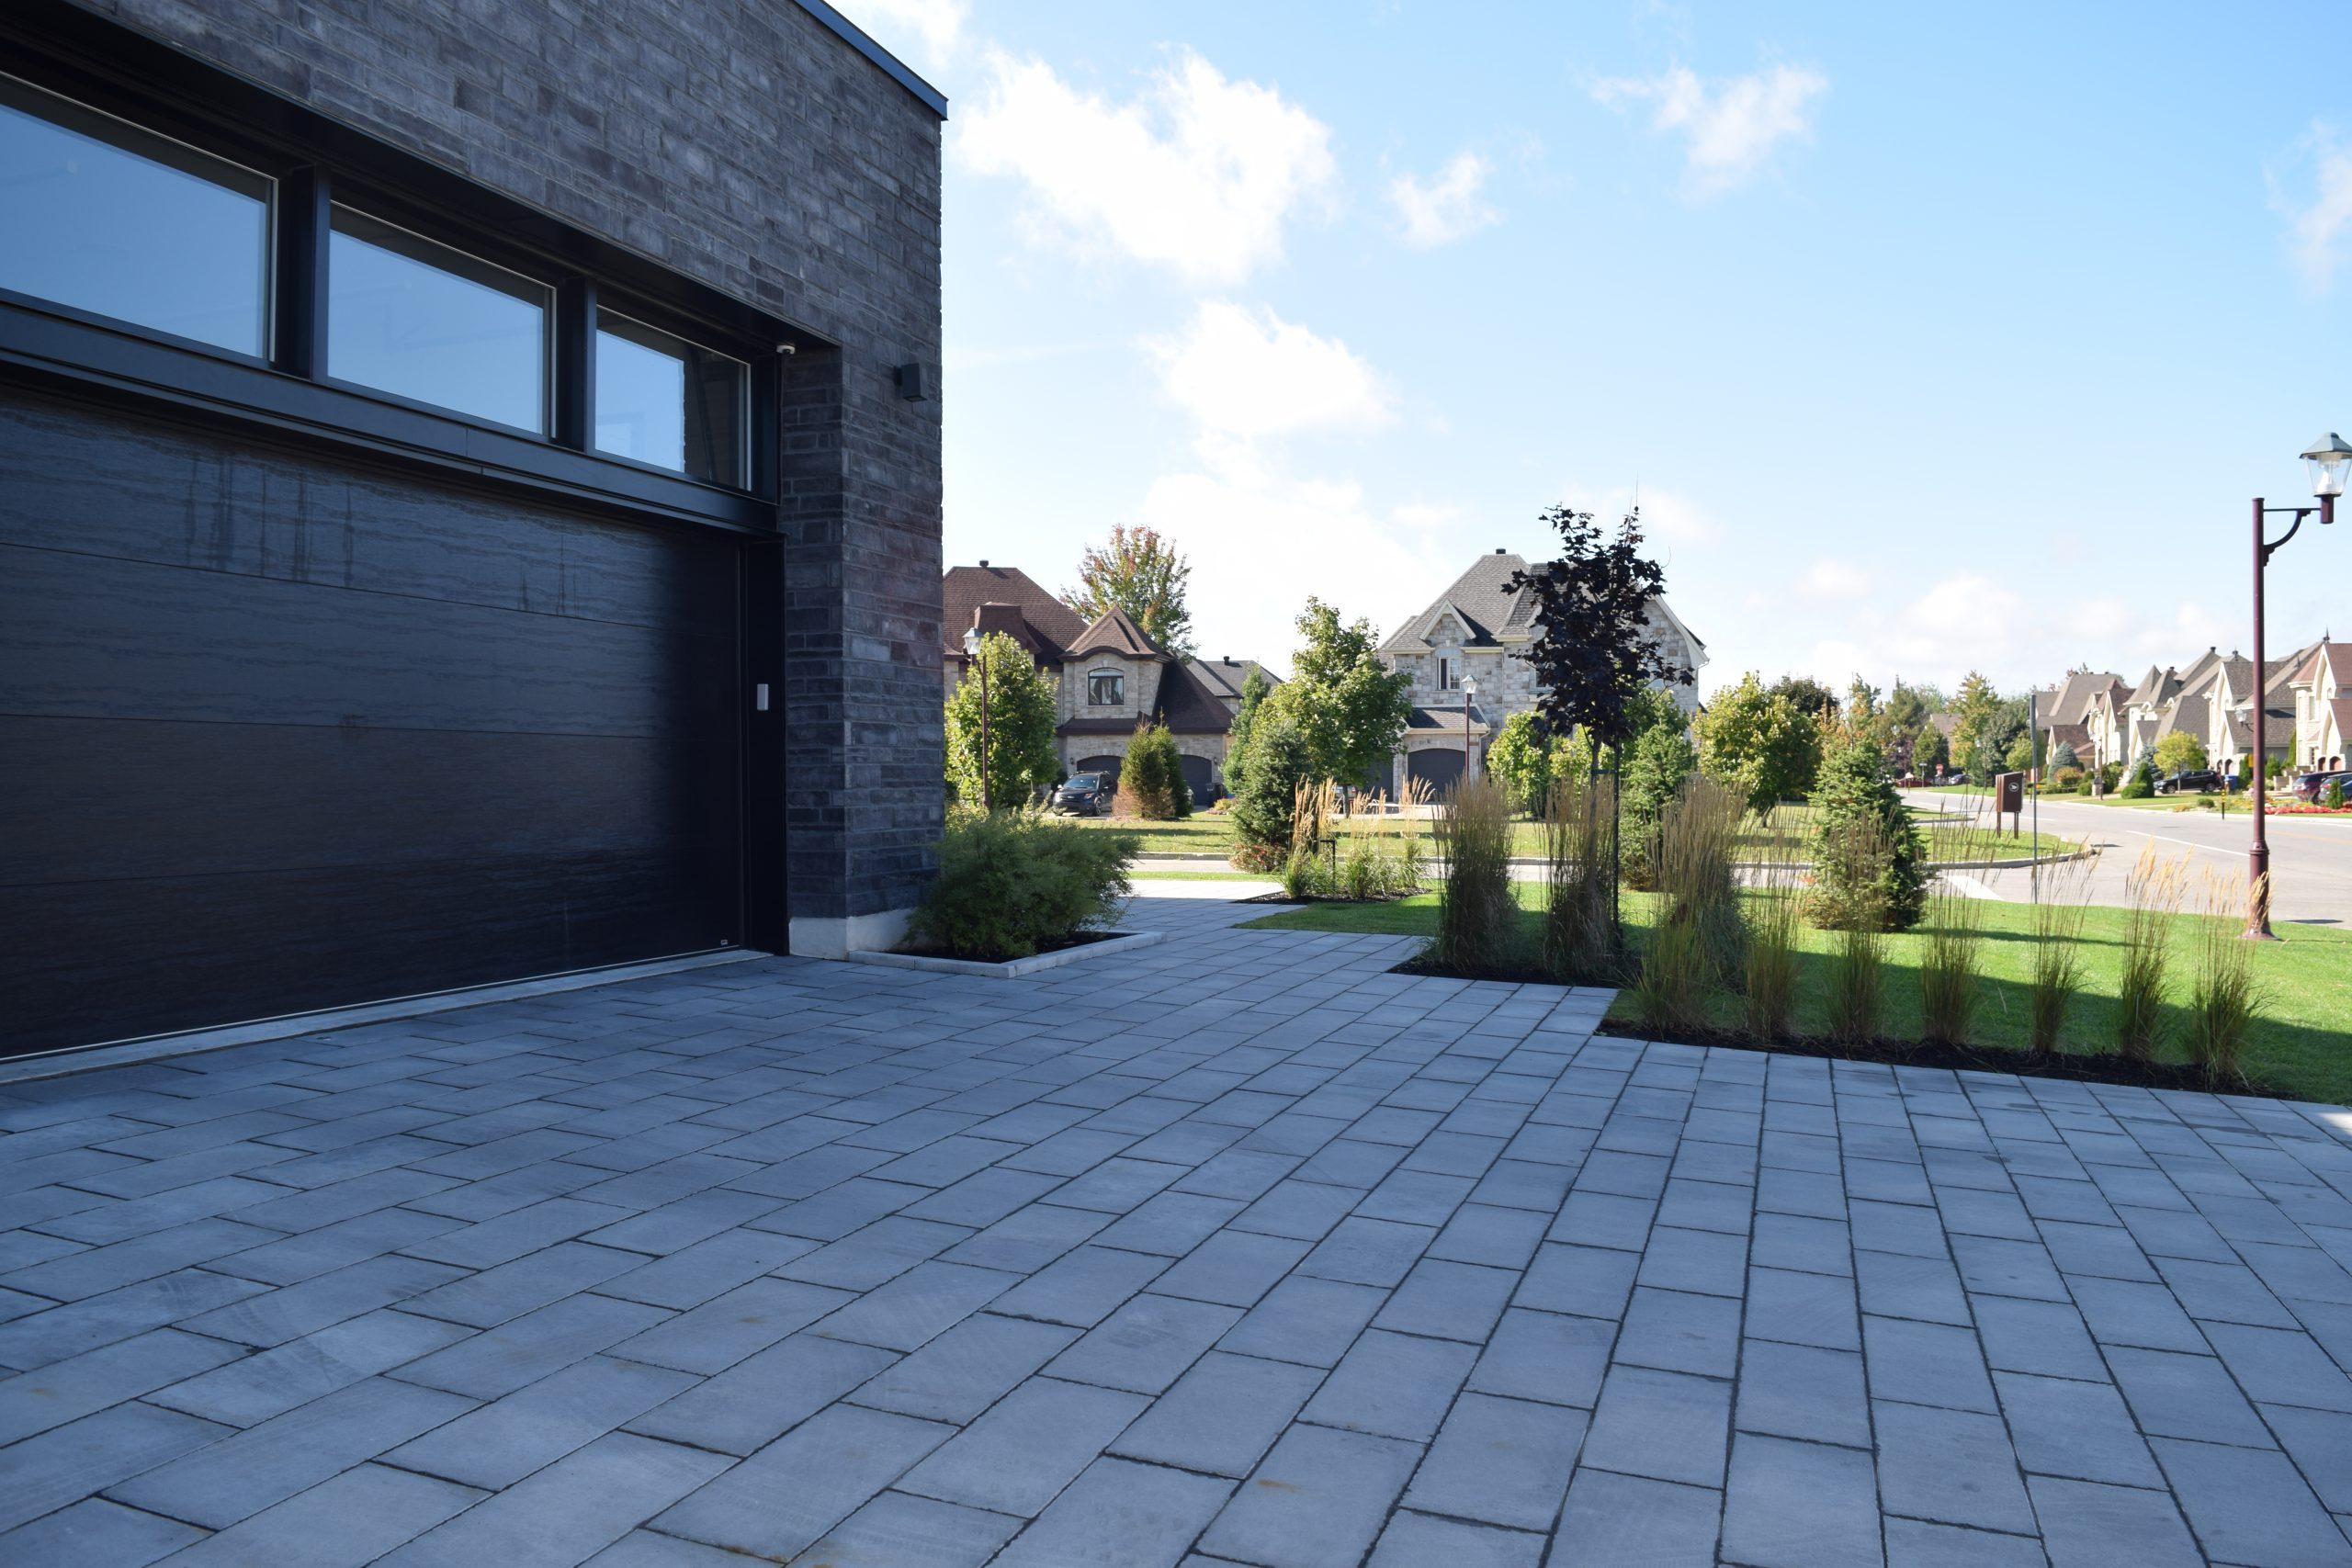 Pavé & paysagiste Boisbriand - Résidentiel - Aménagement paysager - Stationnement - Boisbriand